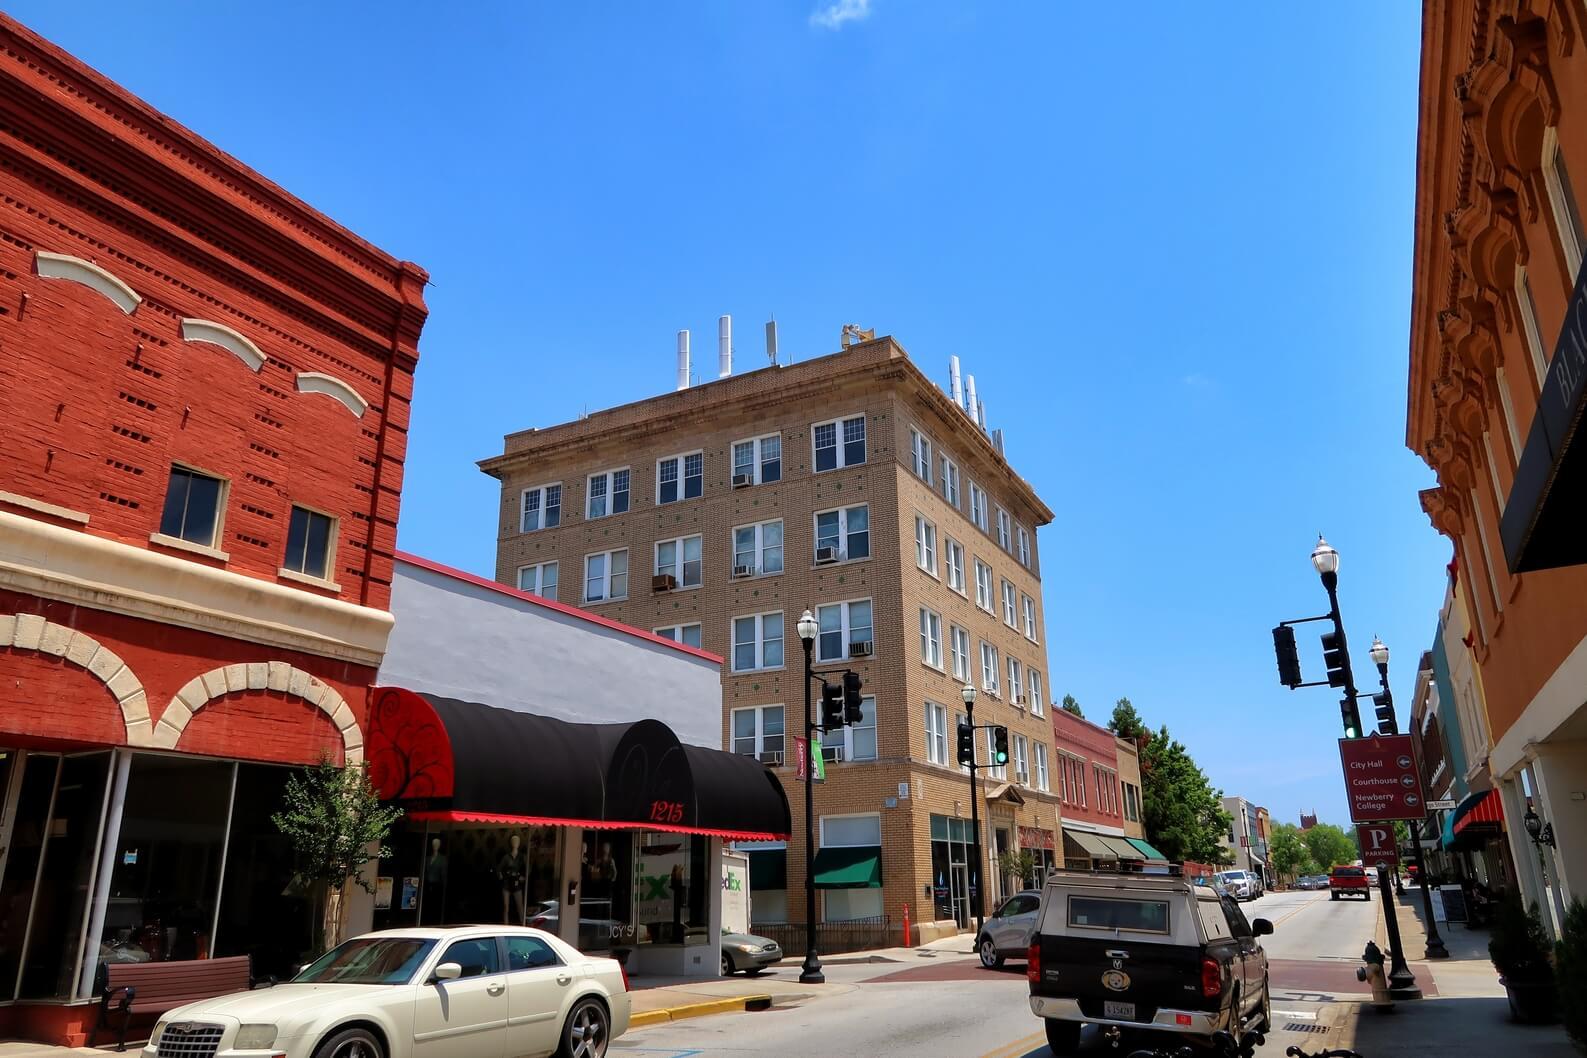 The Parr Building. Newberry South Carolina